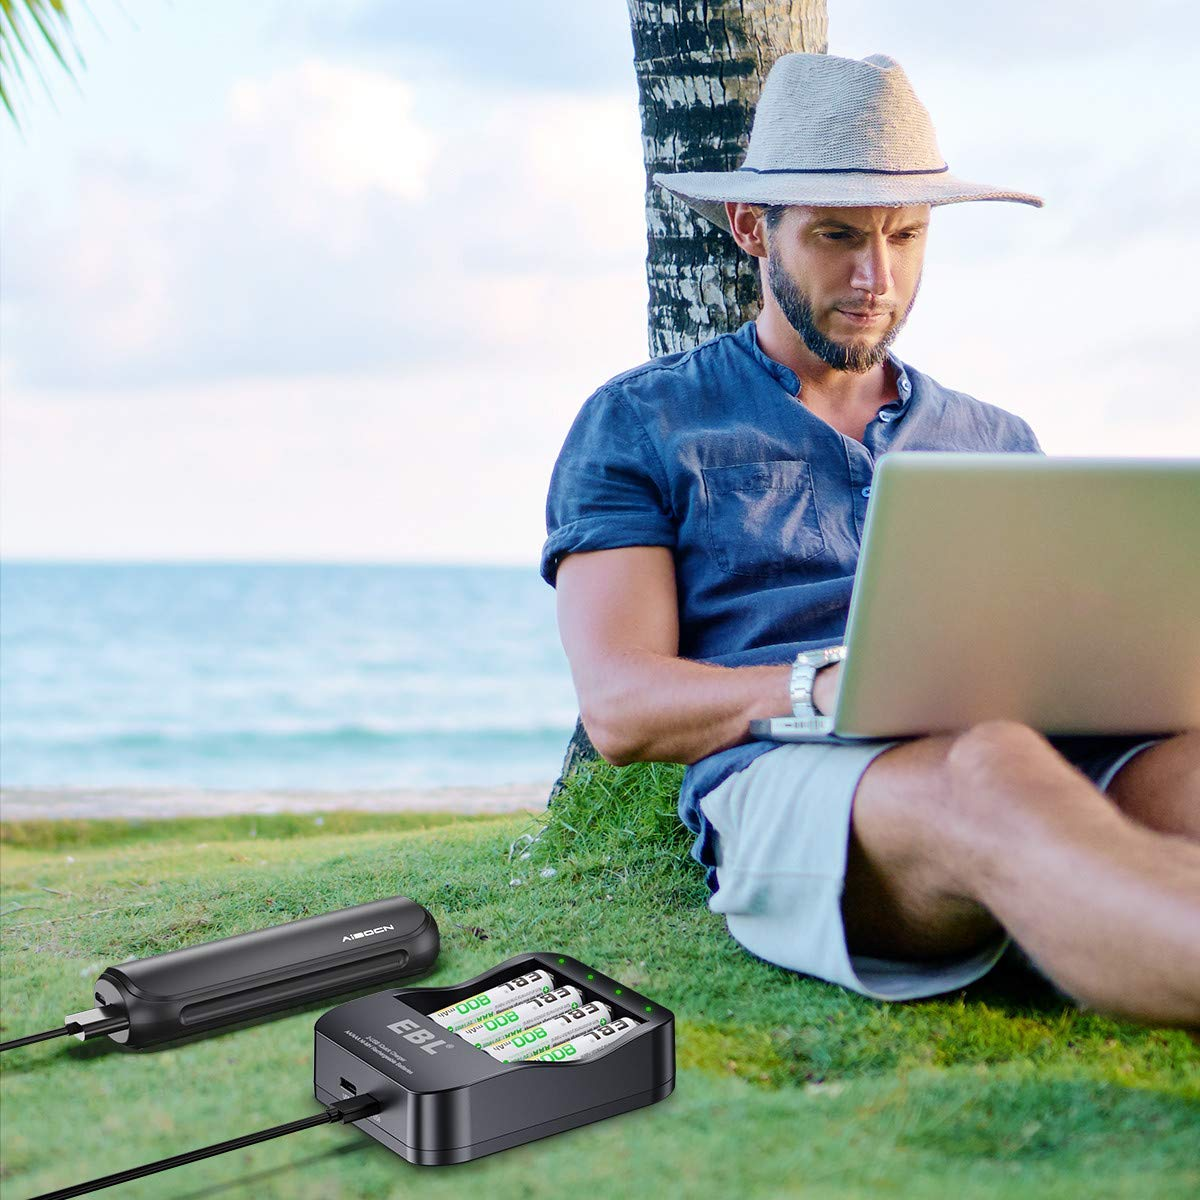 EBL iQuick Cargador de Pilas, 4 Ranuras Independiente Ni-MH AA AAA Pilas Recargables con 4 Ni-MH AAA 1100mAh Pilas con Dos Modos Carga(Micro USB y USB-C)